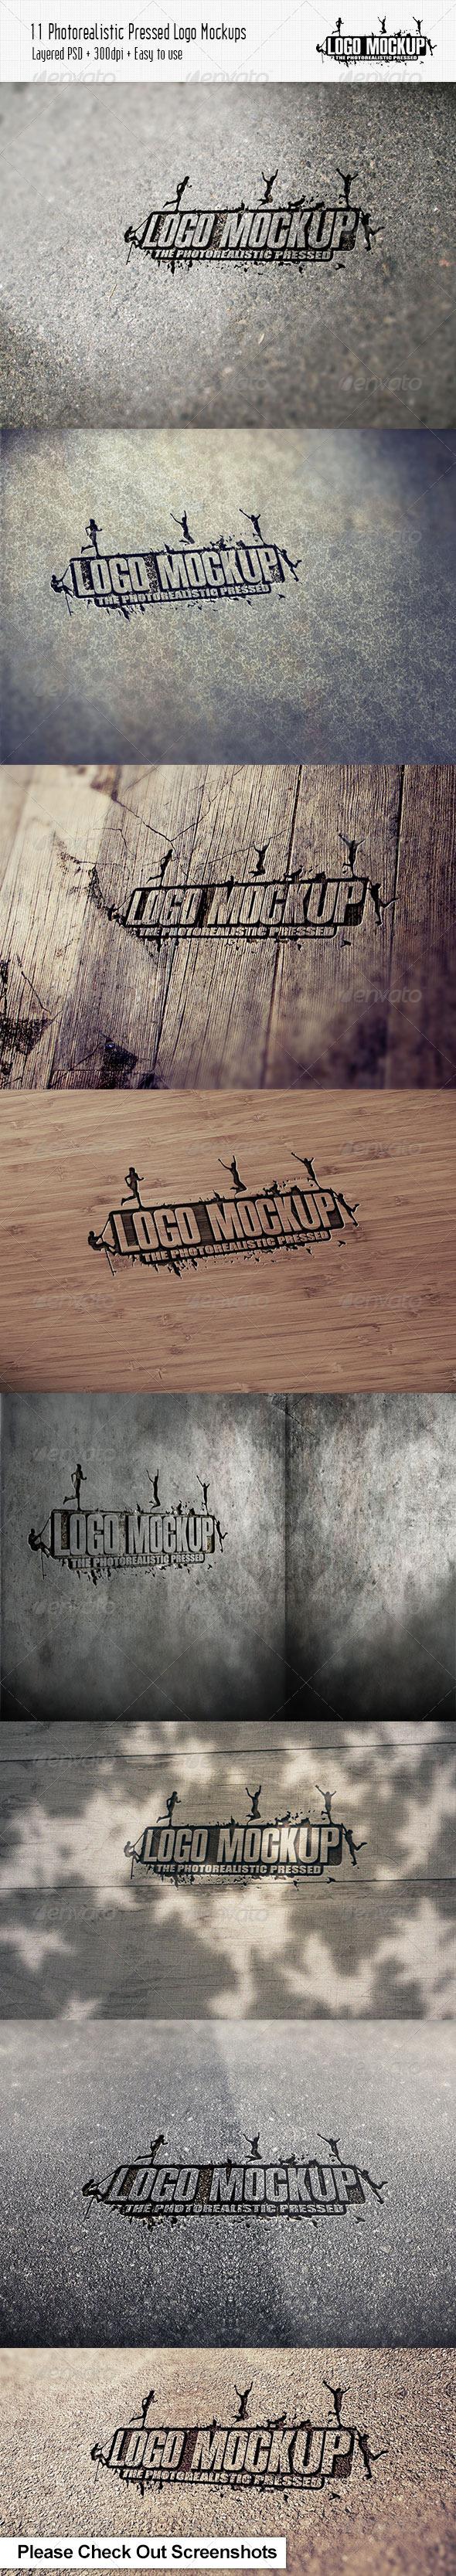 11 Photorealistic Pressed Logo Mock-Ups - Logo Product Mock-Ups